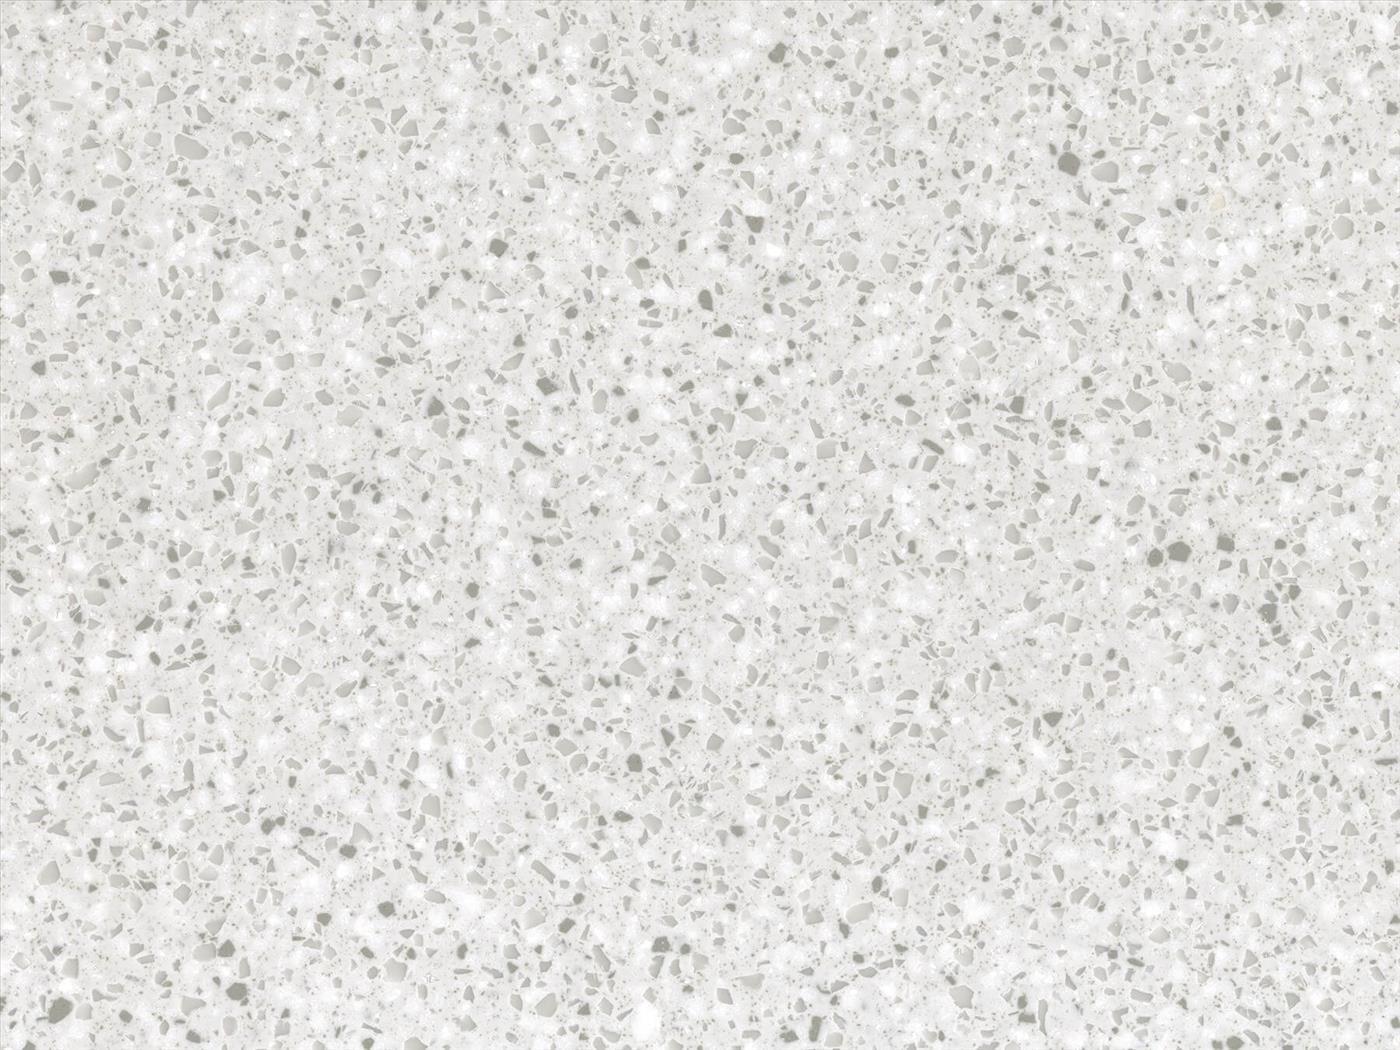 קוריאן silver birch